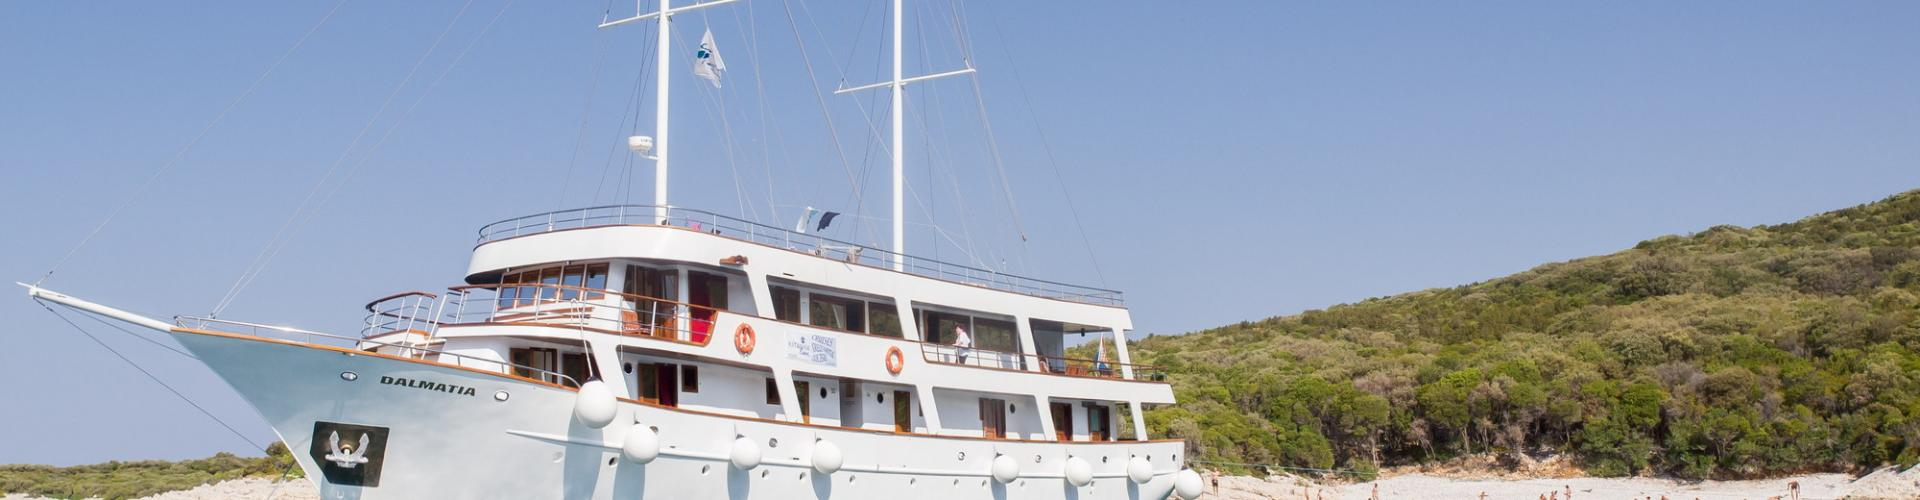 motor sailer Premium cruiser MV Dalmatia